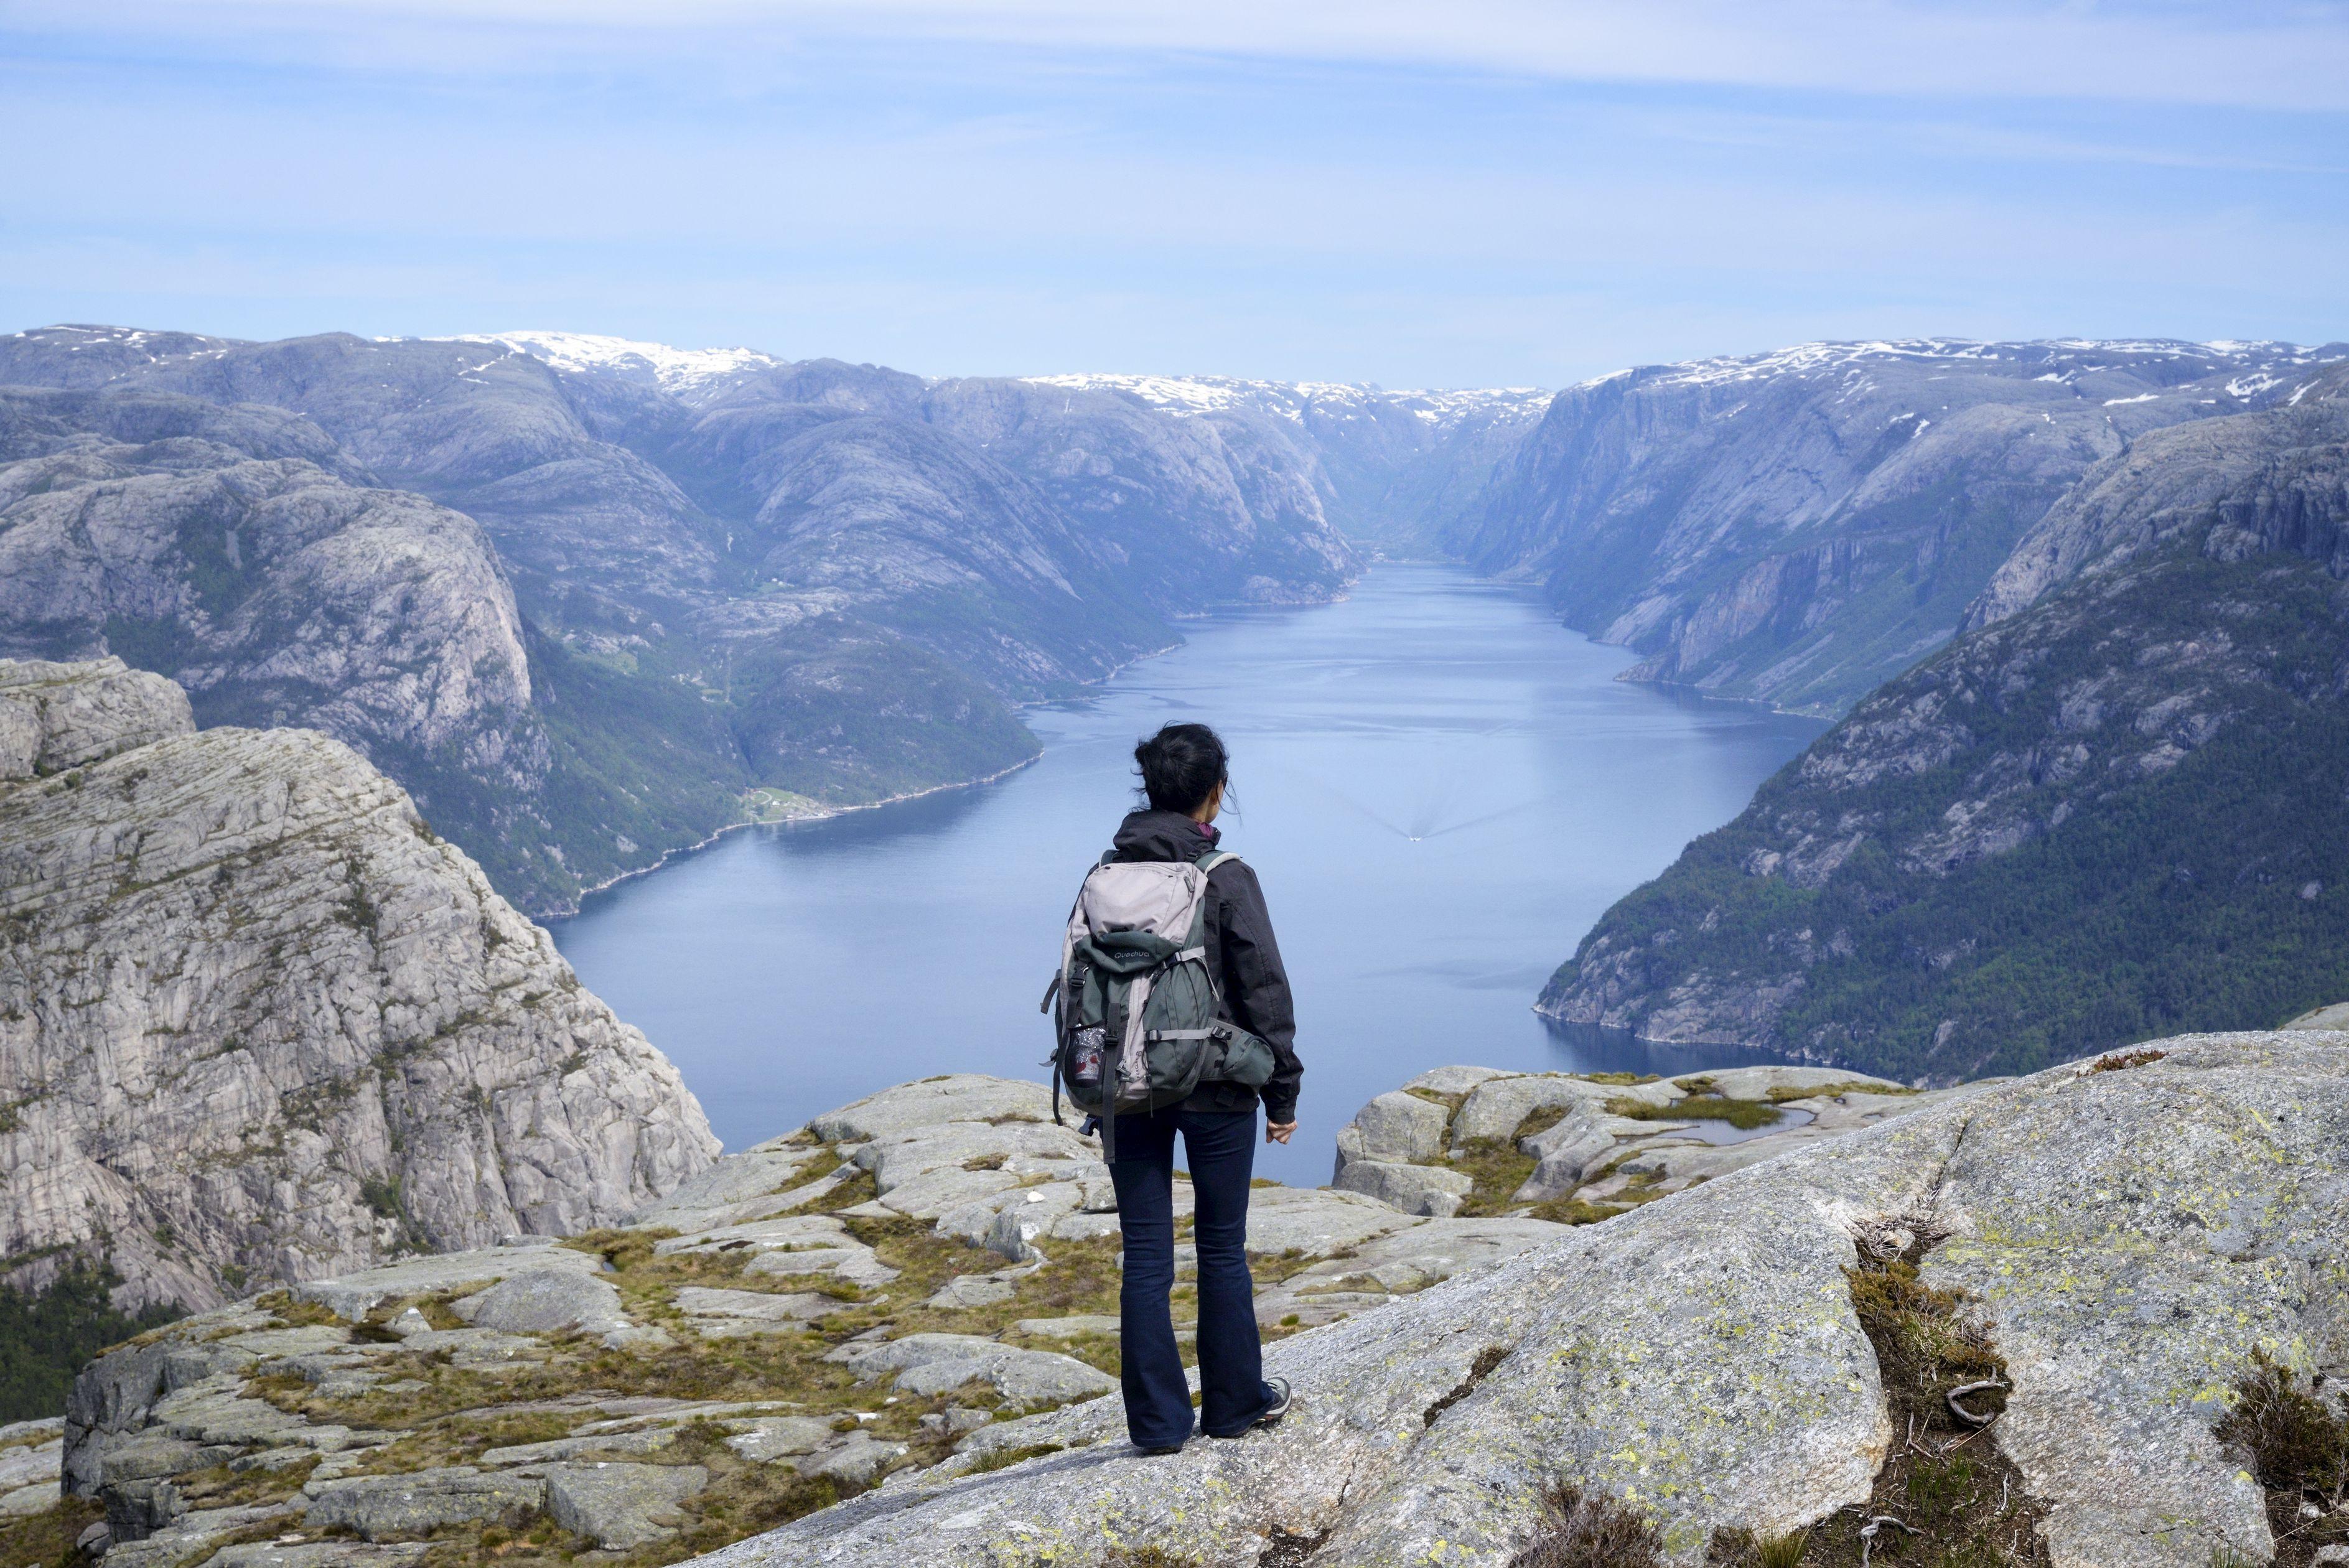 A második világháború óta nem volt ilyen magas a munkanélküliség Norvégiában